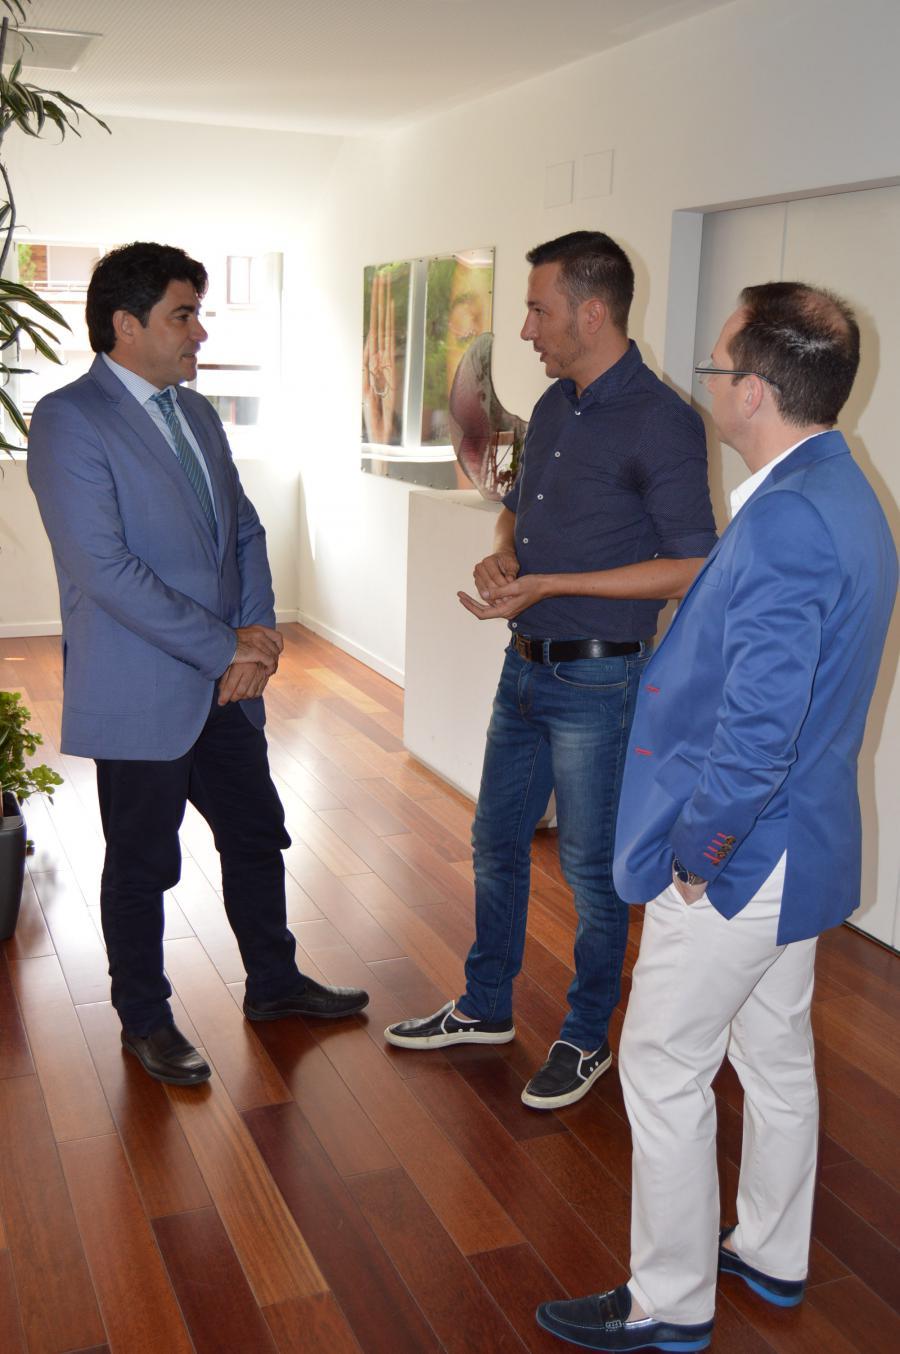 @DavidPérez recibe a @ja_muela, premiado director de cine de #Alcorcón